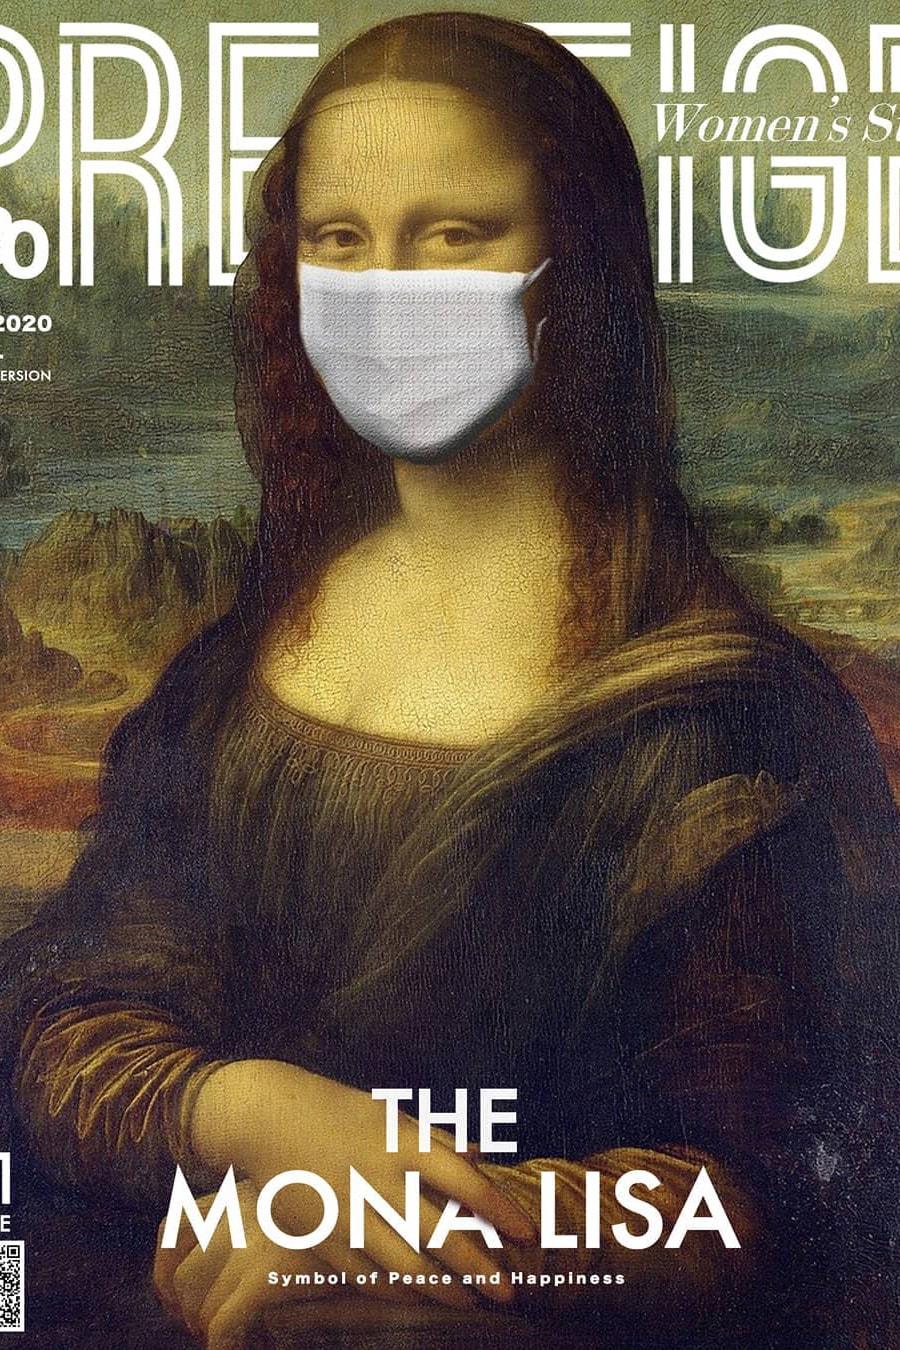 盘点疫情之下, 5 个鼓舞人心的杂志封面